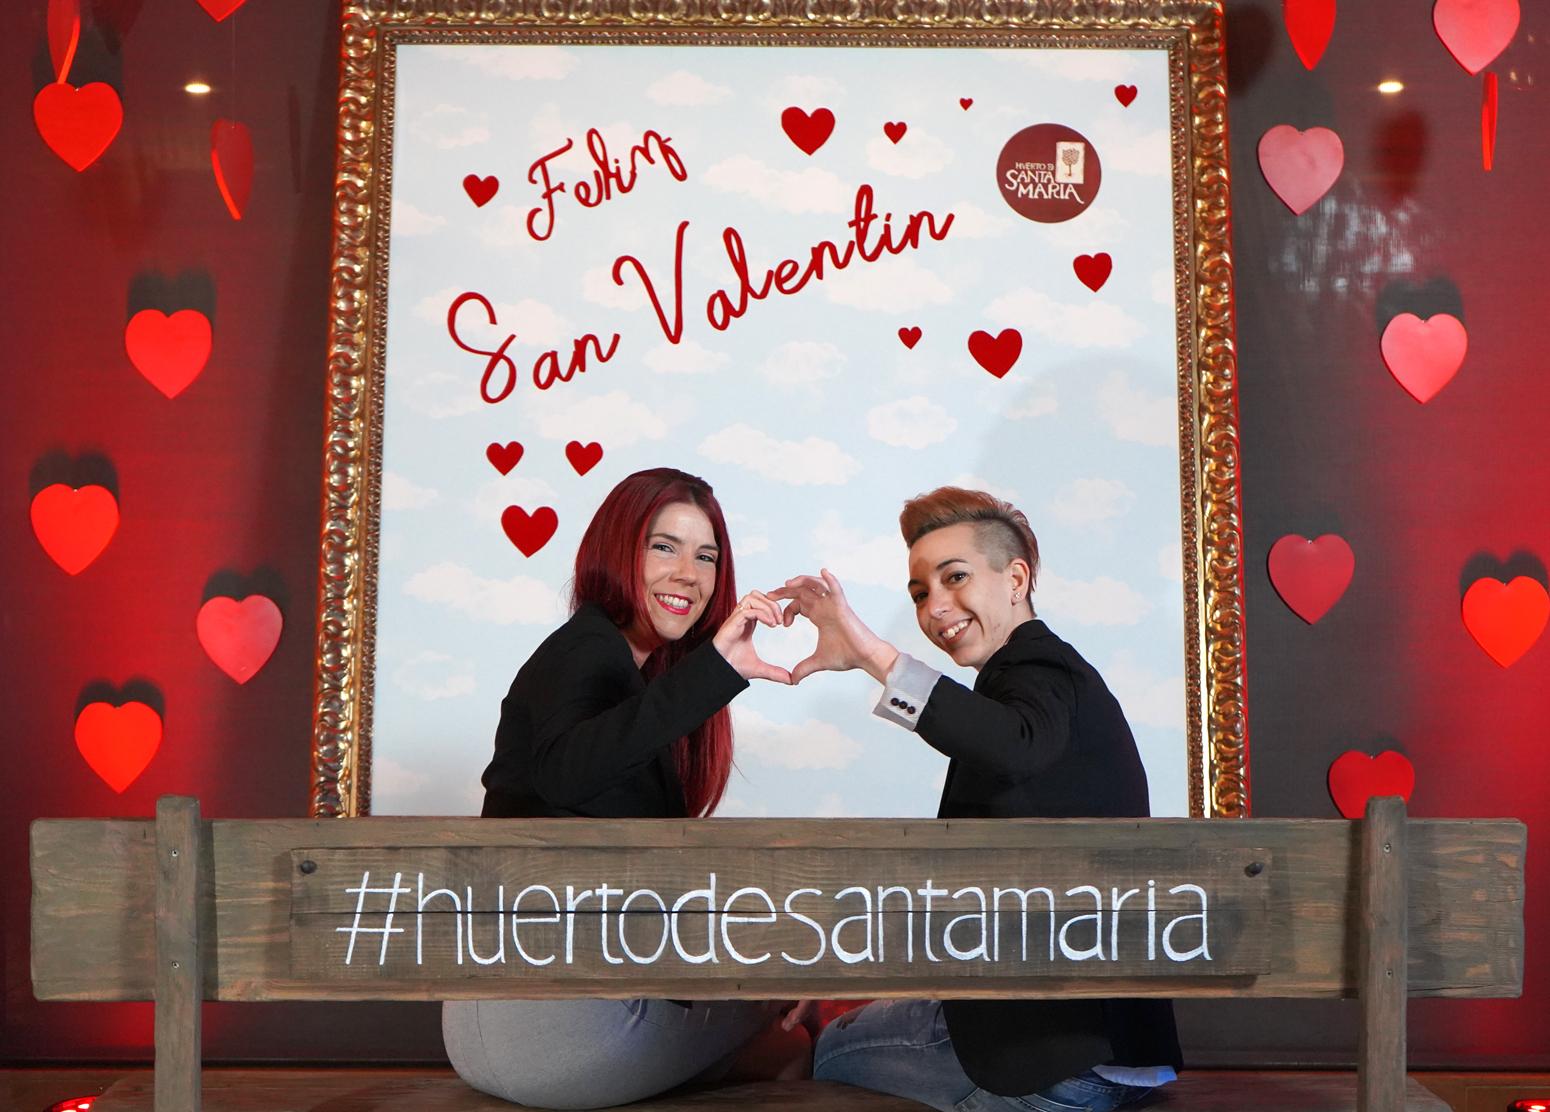 Eventos en Valencia, Huerto de Santa María, Bodas en Valencia, Cena Romántica